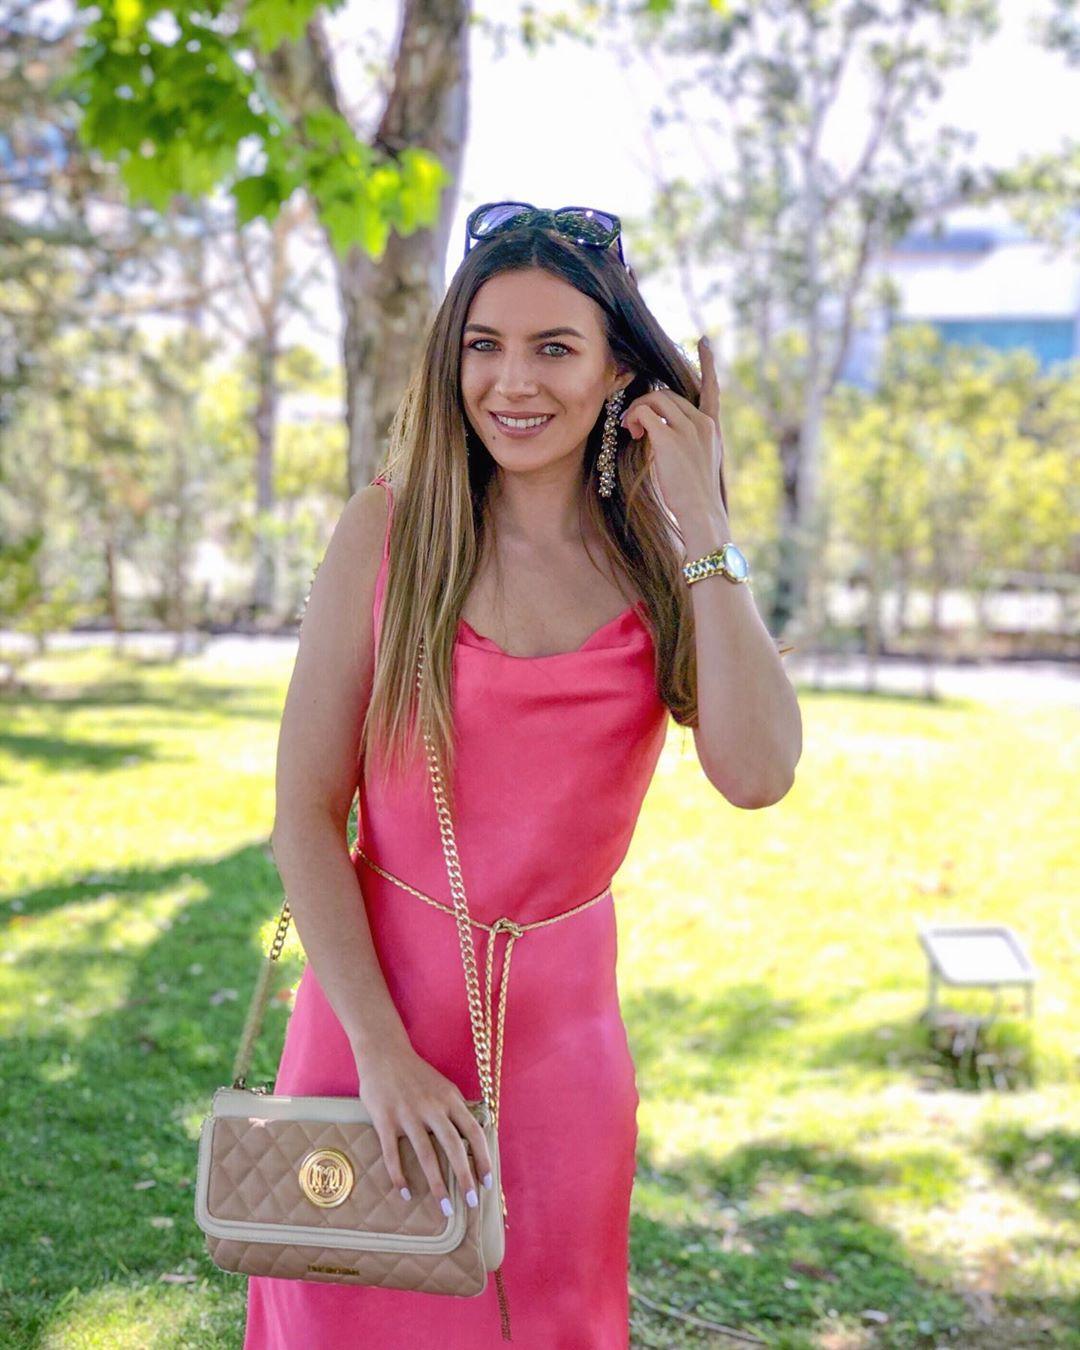 dress style lingerie de Zara sur gkouvini